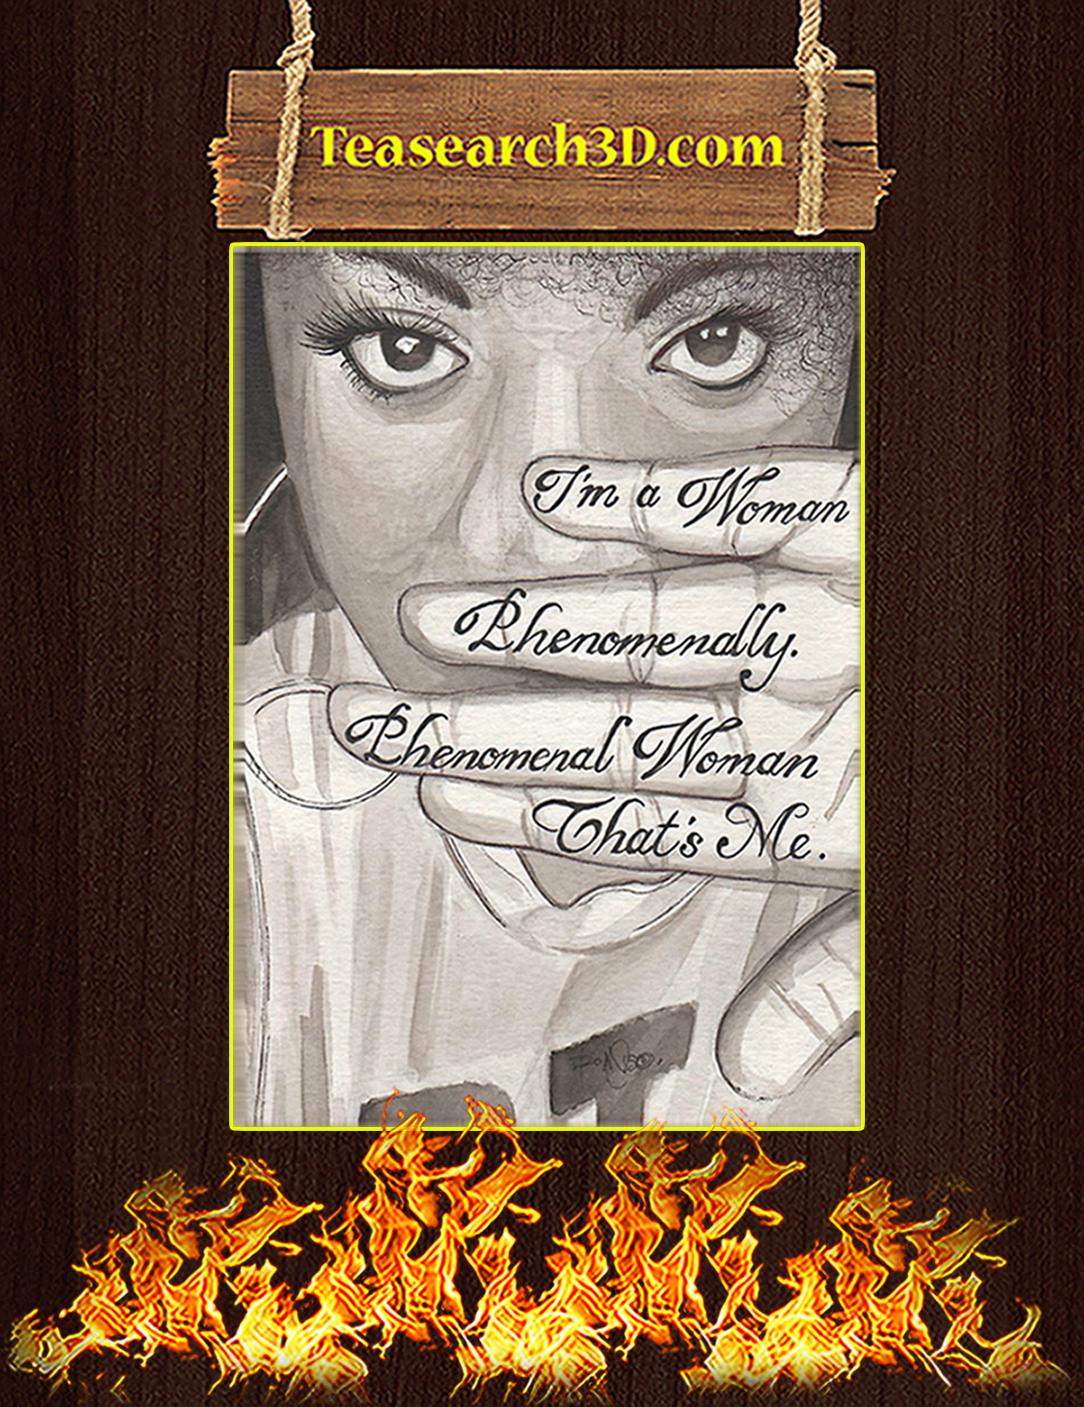 I'm a woman phenomenally phenomenal woman that's me poster A2